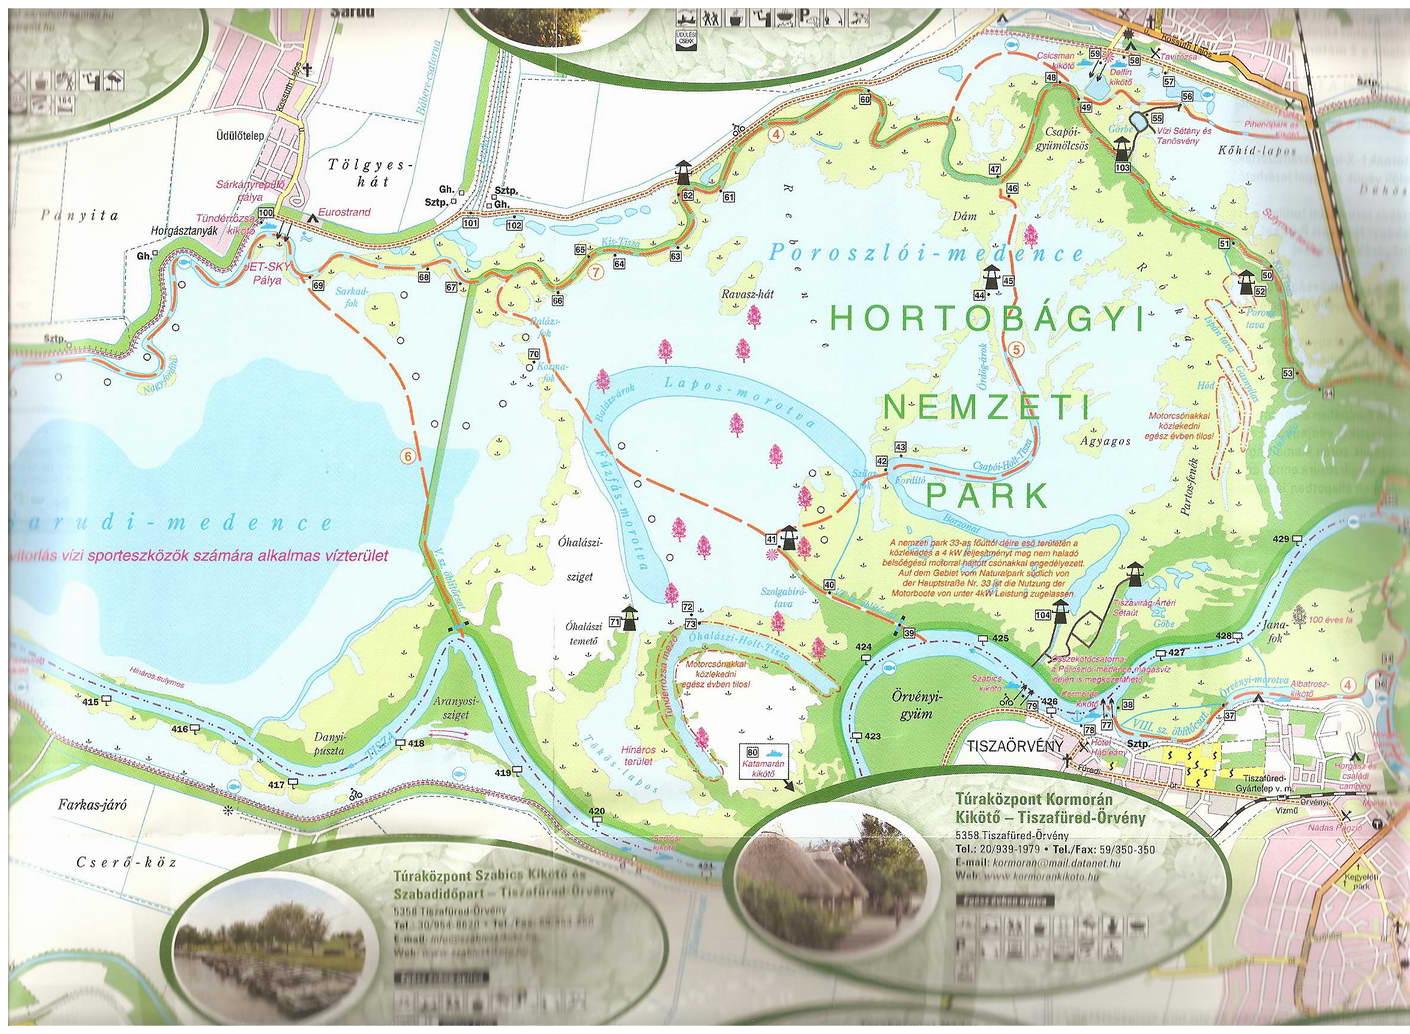 tisza tó térkép Térkép: Tisza tó túrista térképe (kép) tisza tó térkép